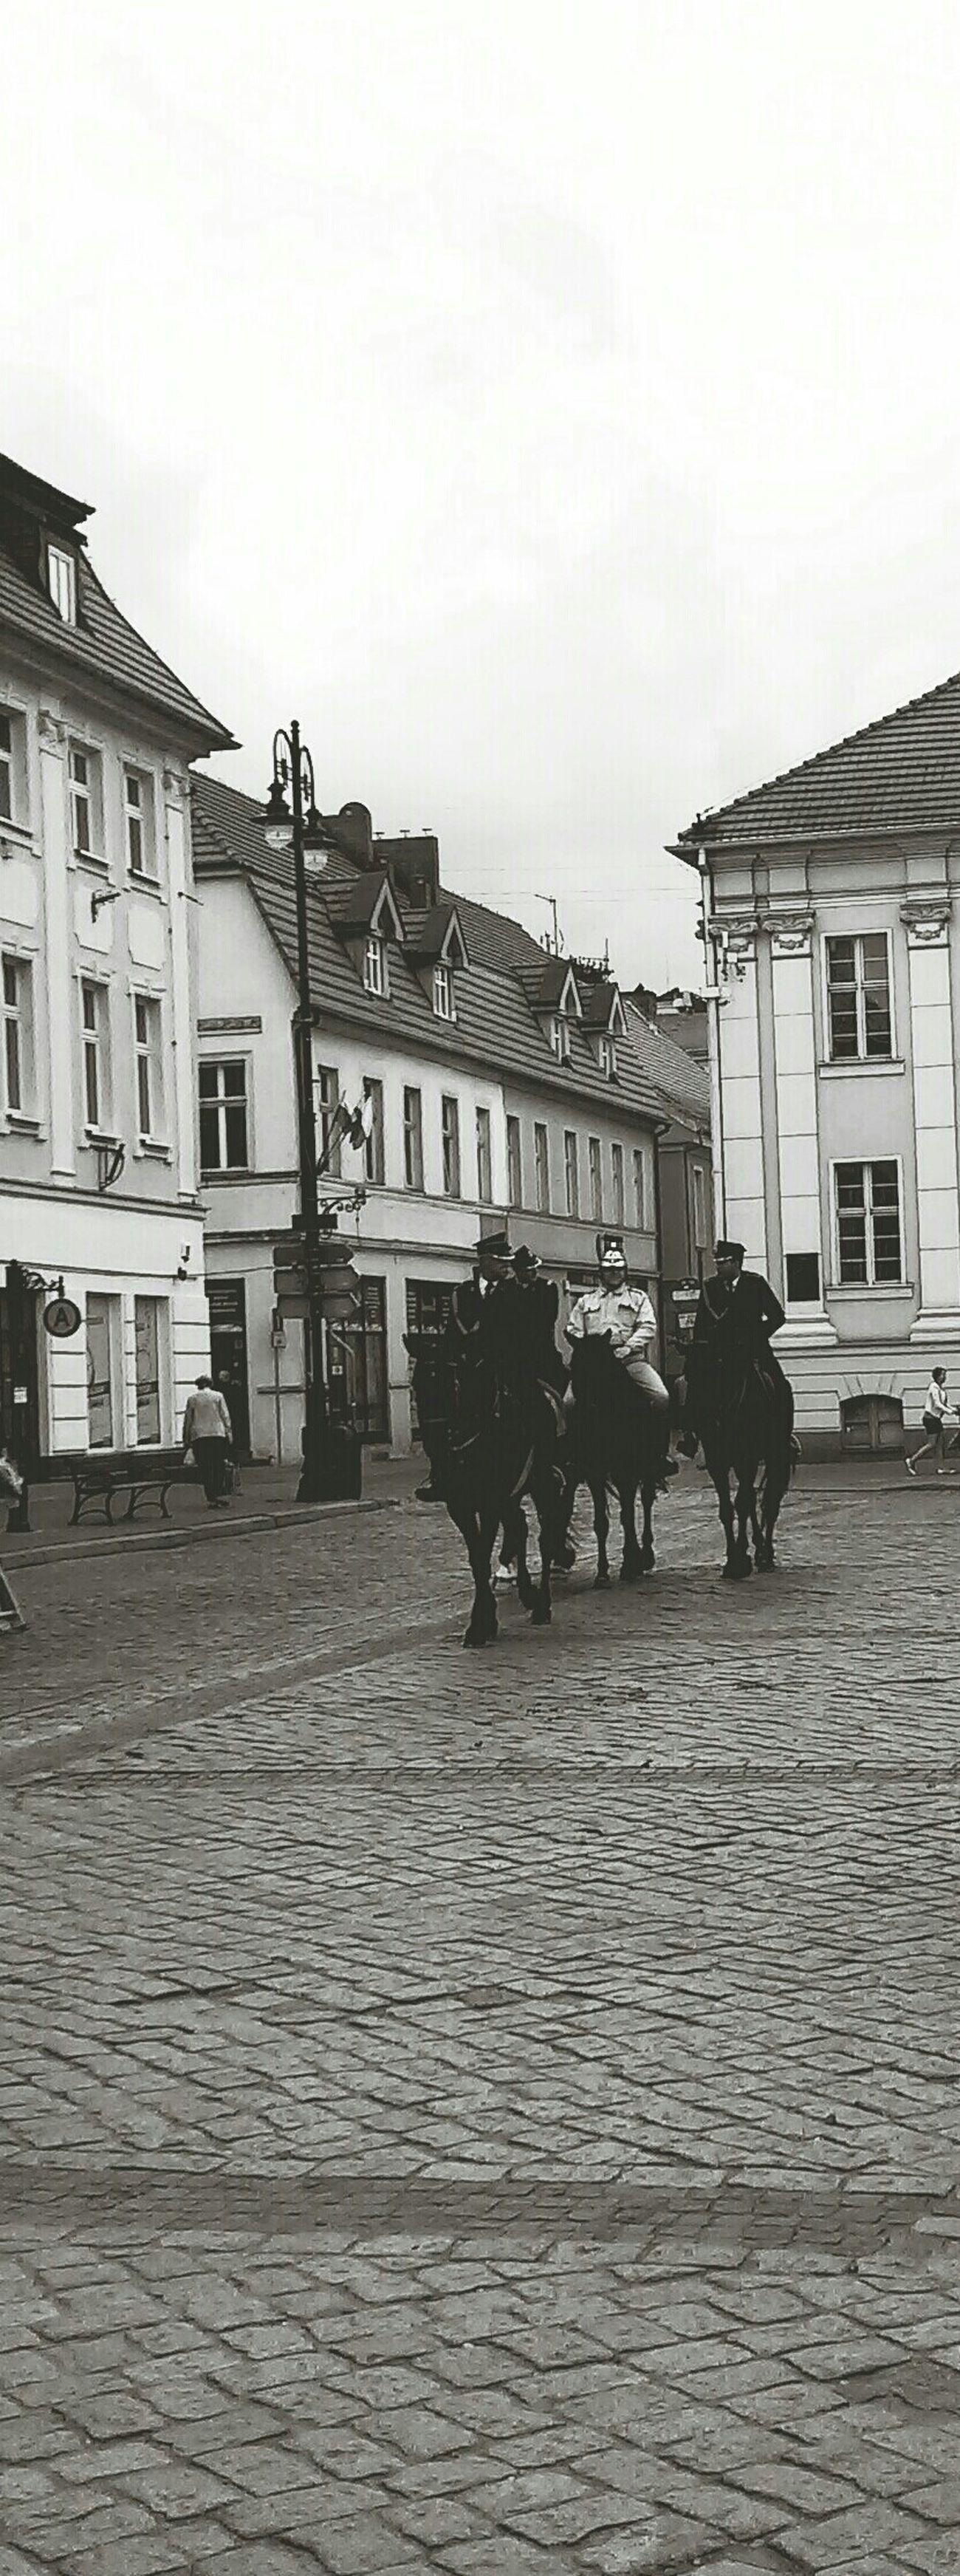 Bydgoszcz Hometown